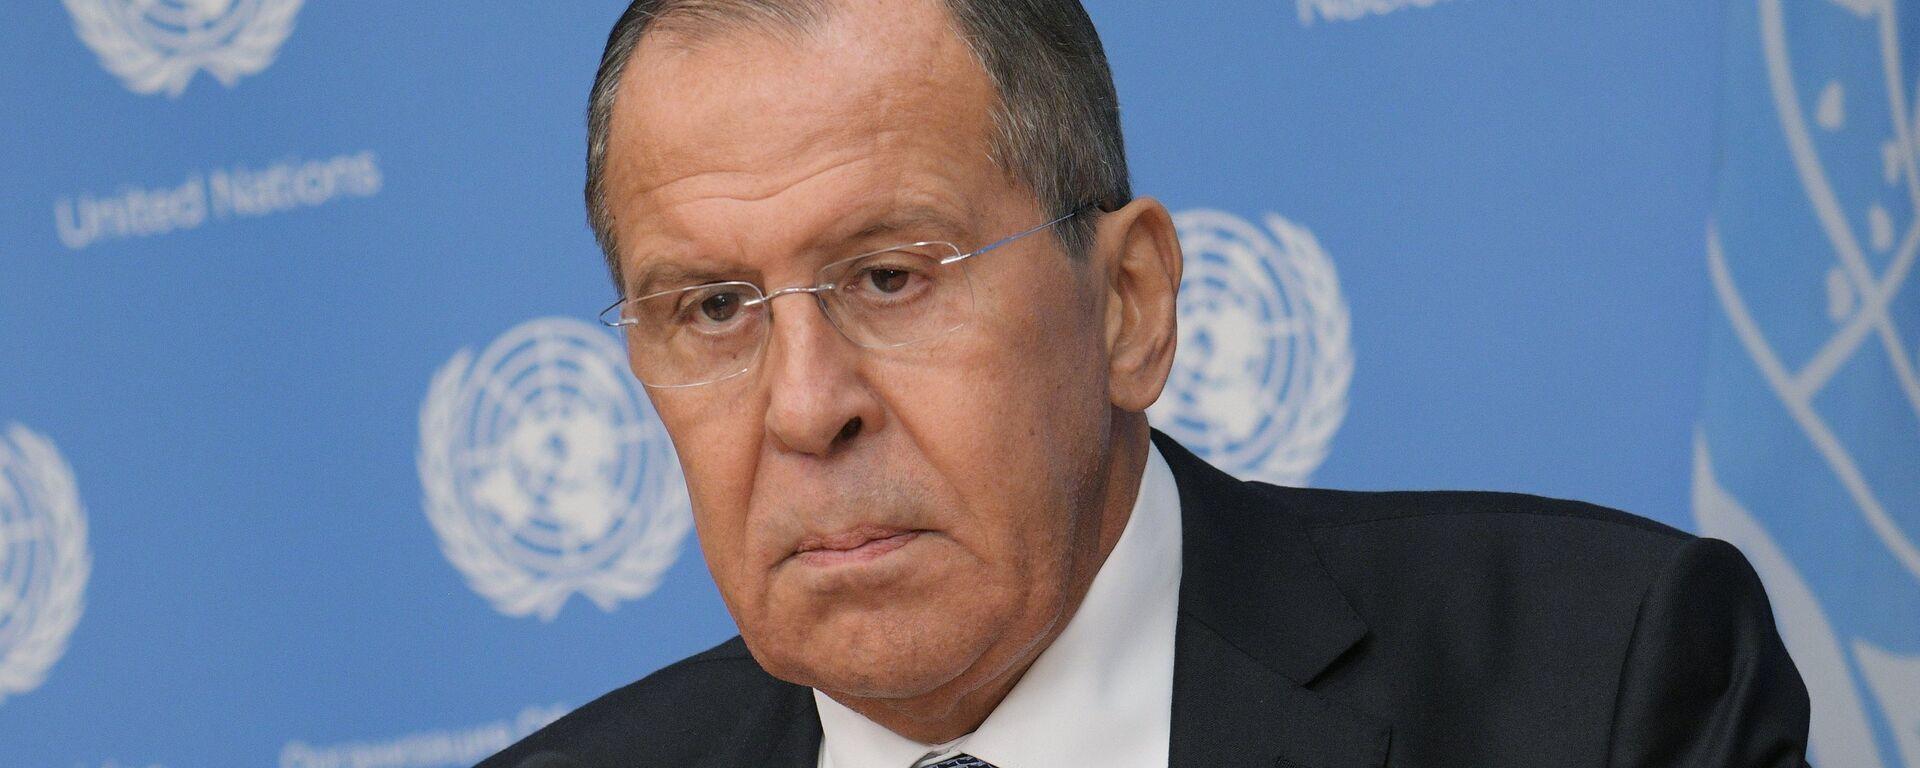 Serguéi Lavrov, ministro de Exteriores de Rusia - Sputnik Mundo, 1920, 26.11.2018